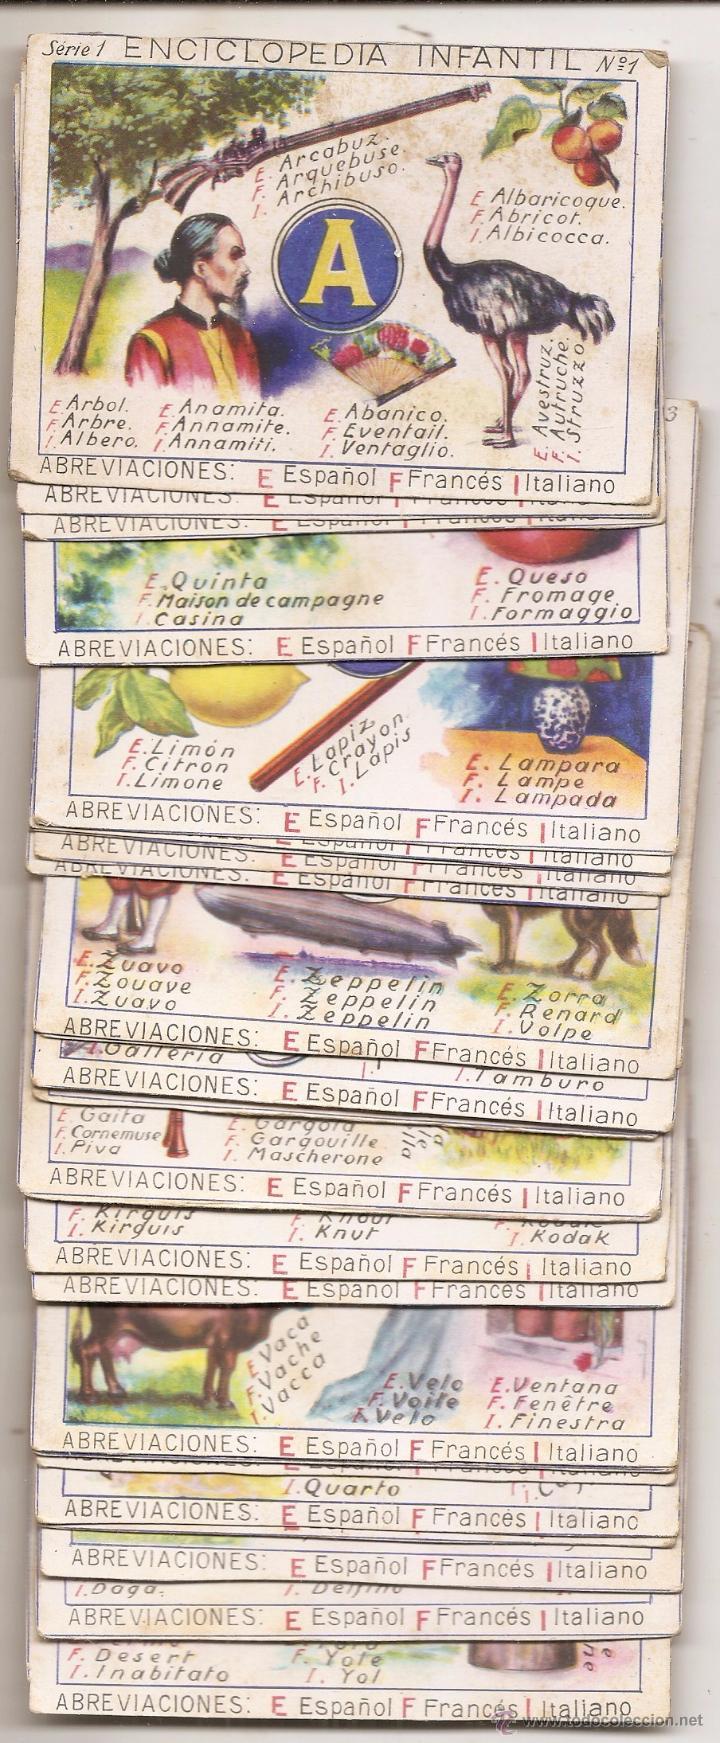 ENCICLOPEDIA INFANTIL. 28 CROMOS ANTIGUOS. PRIMERA SERIE (Coleccionismo - Cromos y Álbumes - Cromos Antiguos)